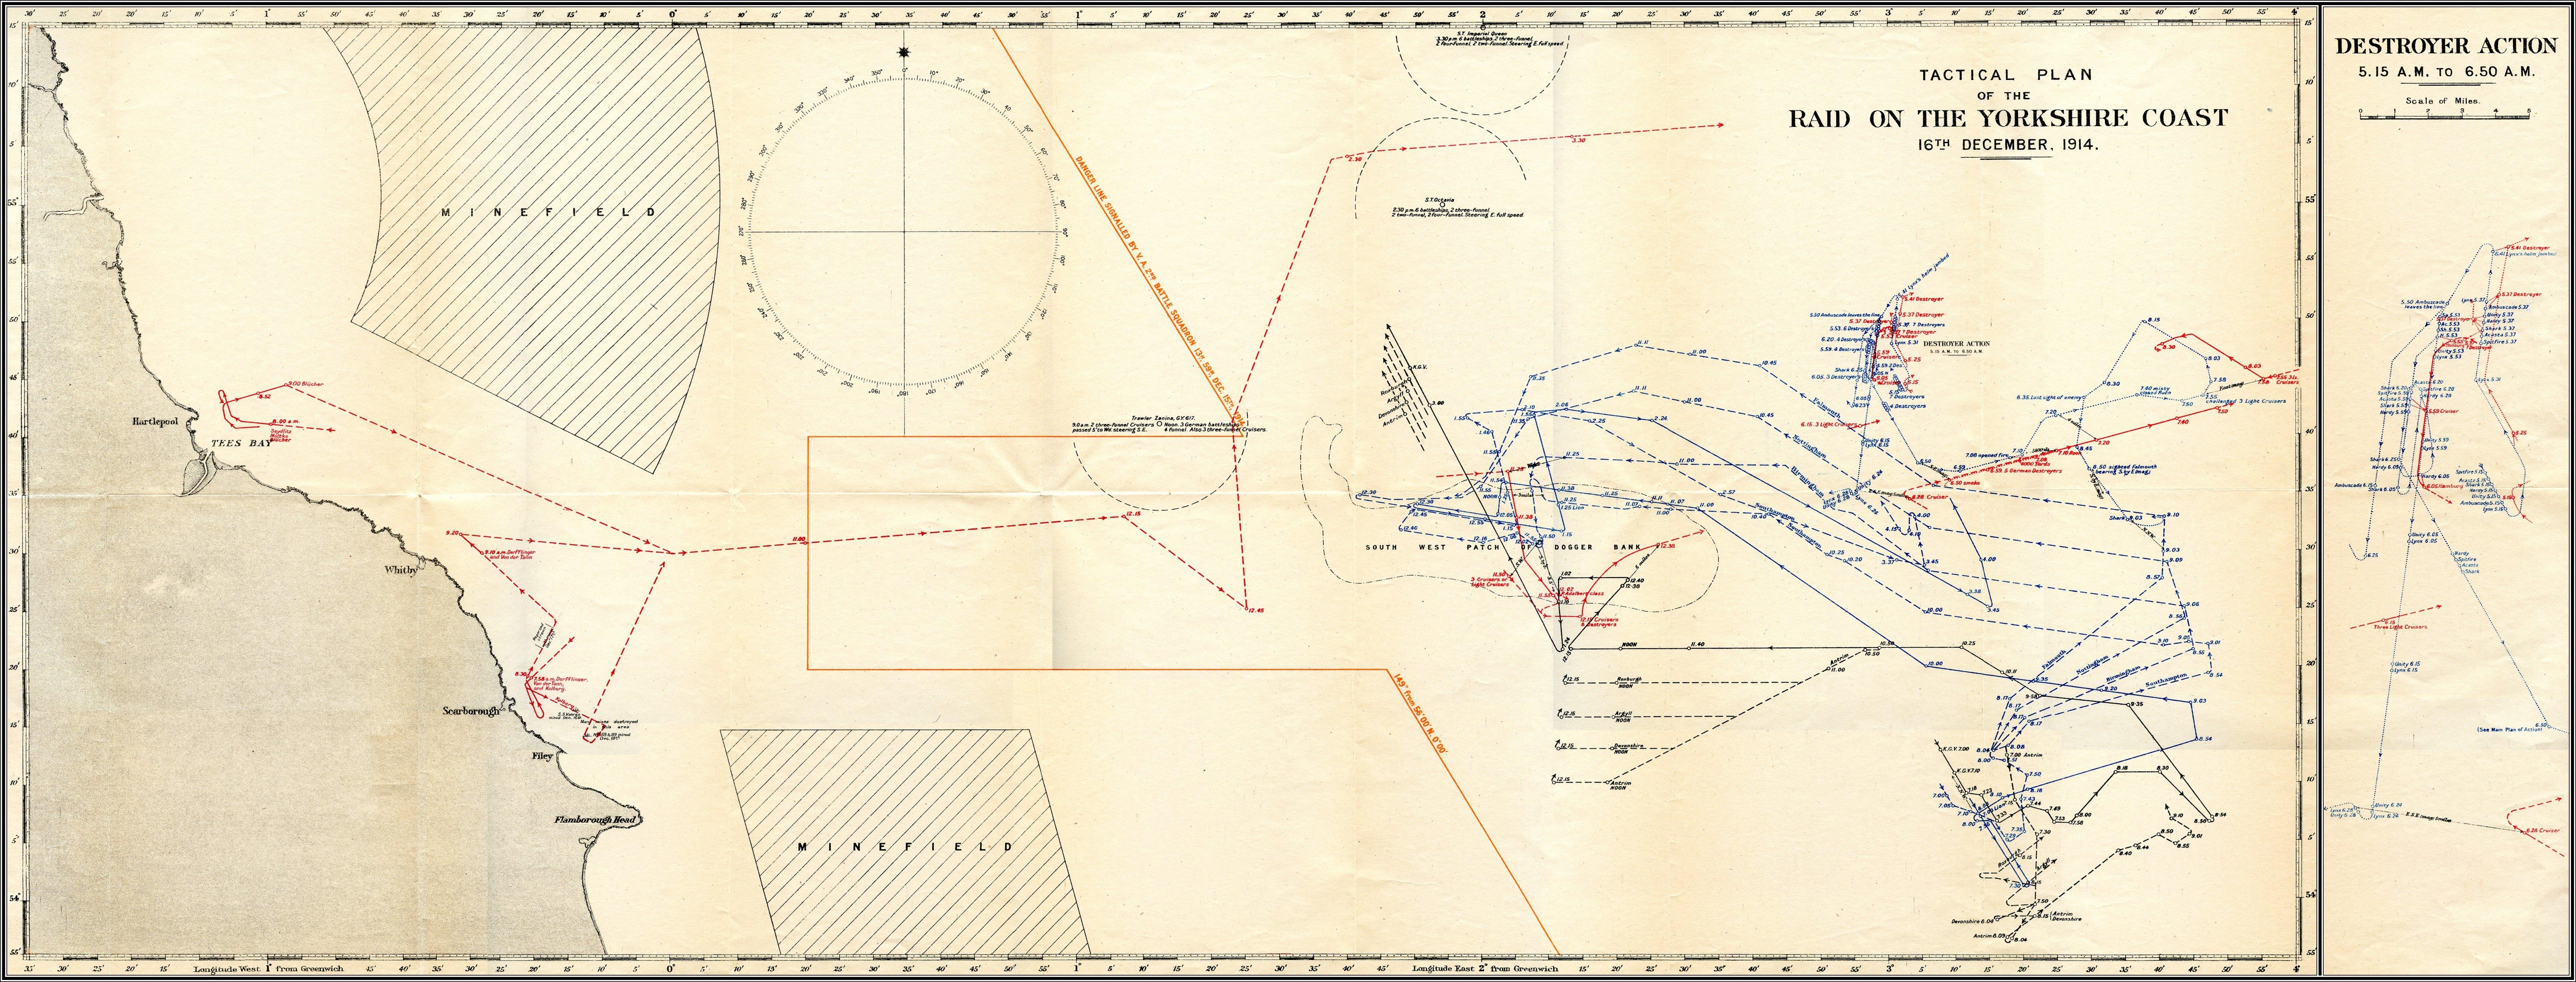 A hadművelet térképe, érdekes rajta bogarászni. A térképet az angolok készítették, így a saját hajóik útvonala pontosan fel van tüntetve, a németeké viszont csak hozzávetőlegesen, a britek feltételezései alapján.